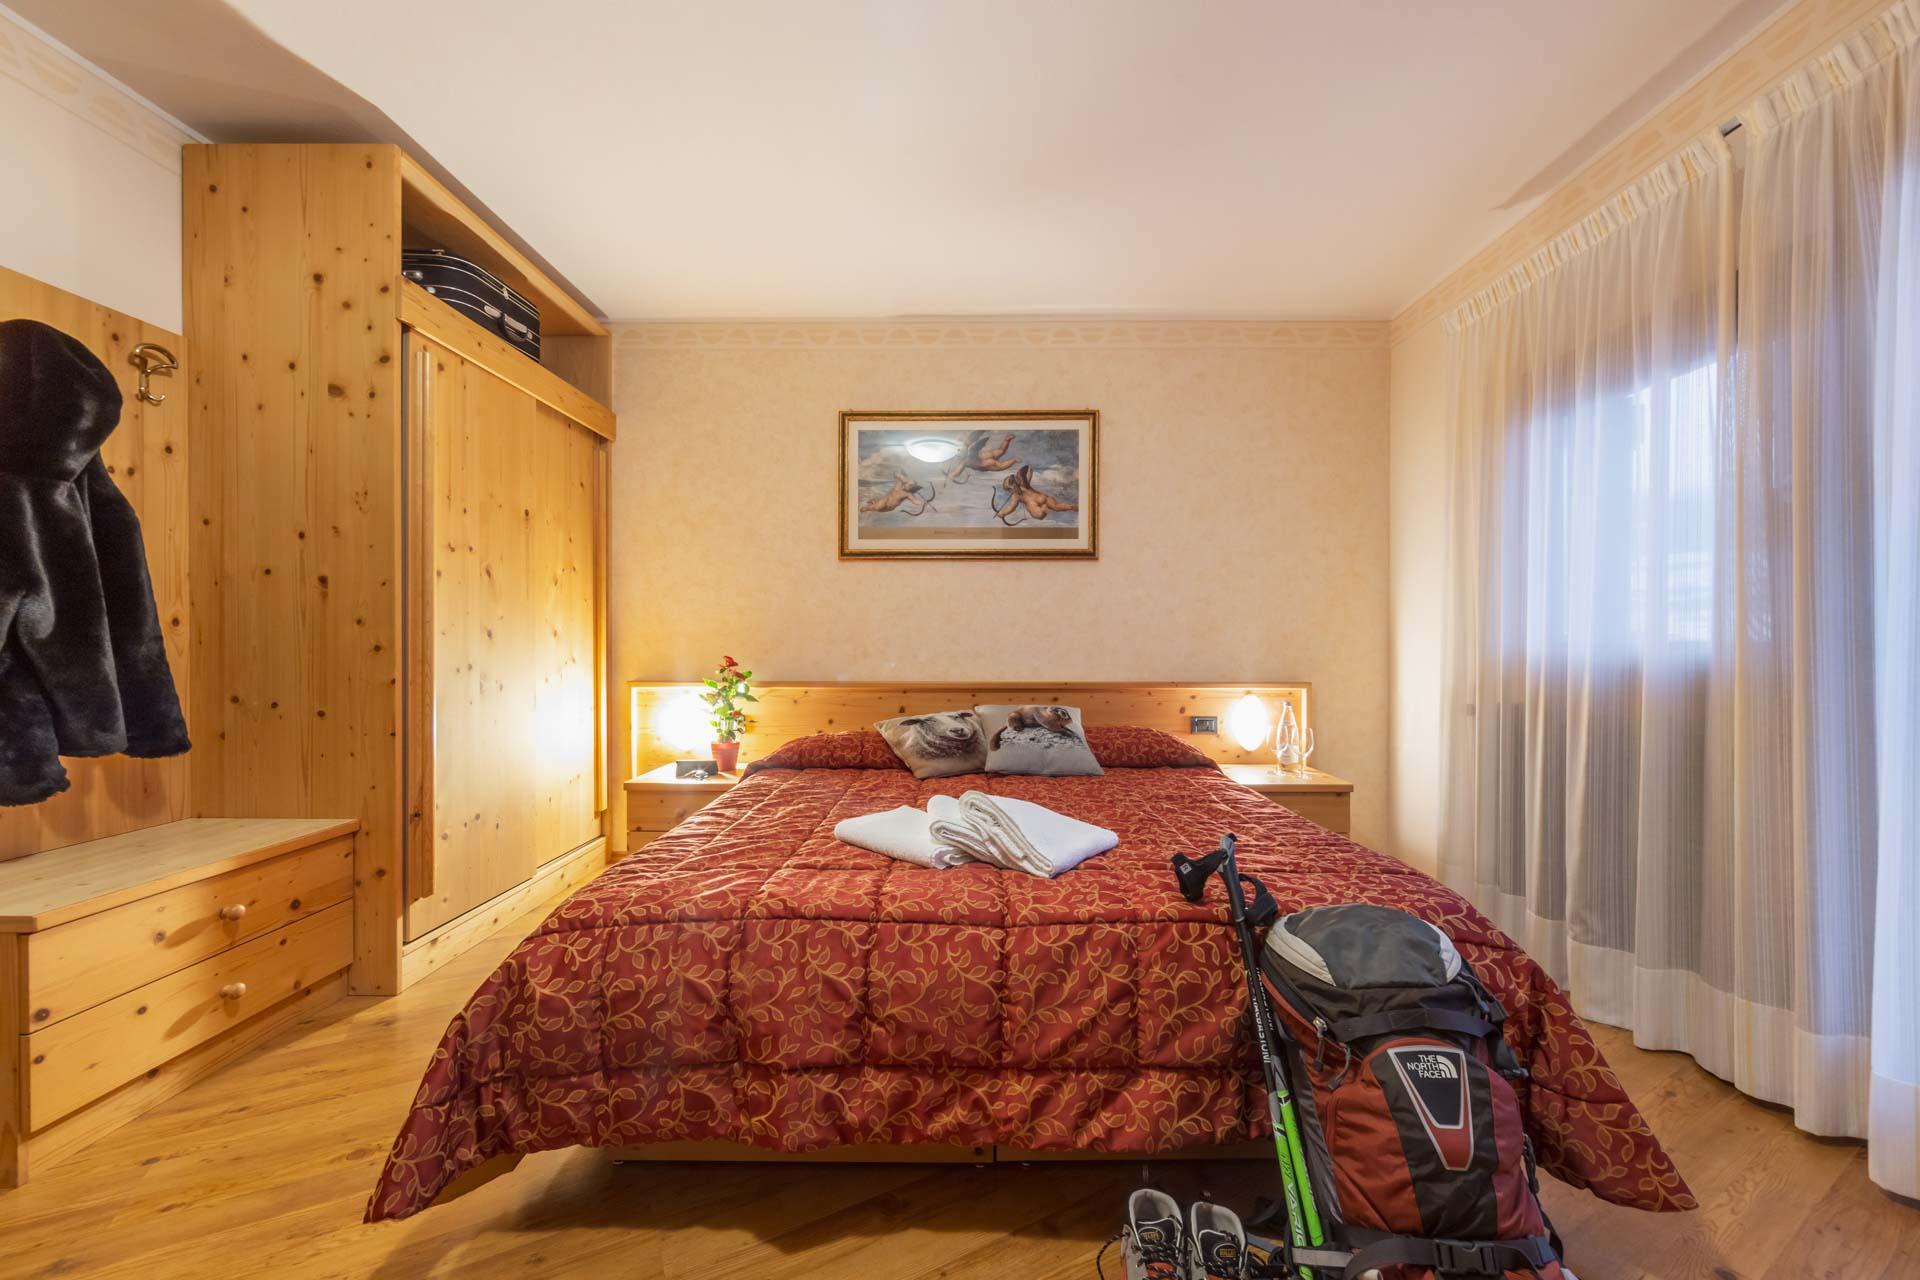 hotel-vicino-molveno-e-terme-di-comano-miravalle-cucina-tipica-con-piscina-97